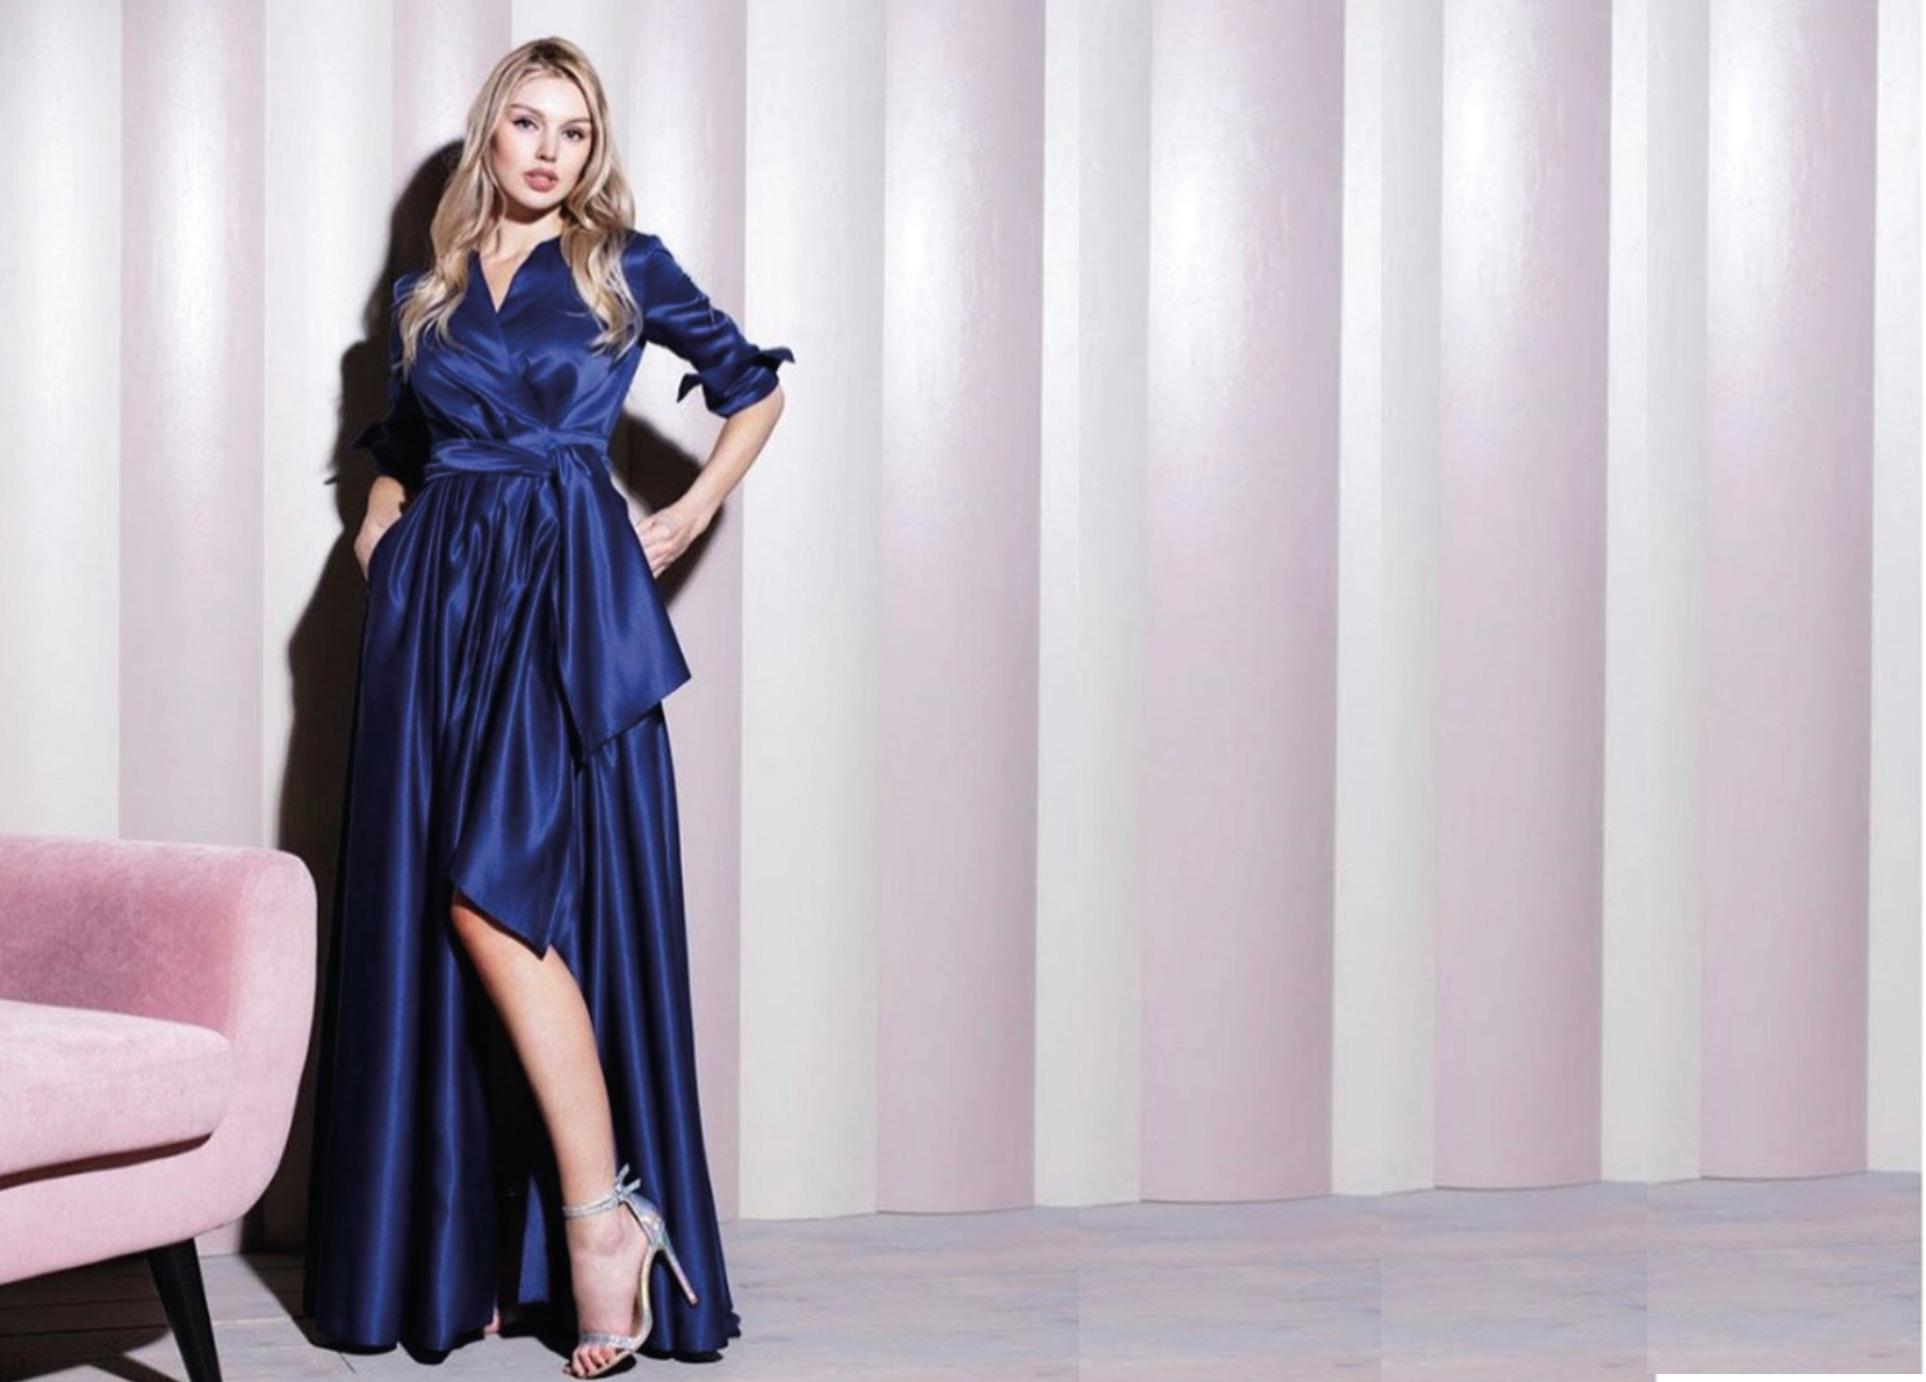 13 Ausgezeichnet Abendkleider Für X Figur ÄrmelAbend Schön Abendkleider Für X Figur Stylish